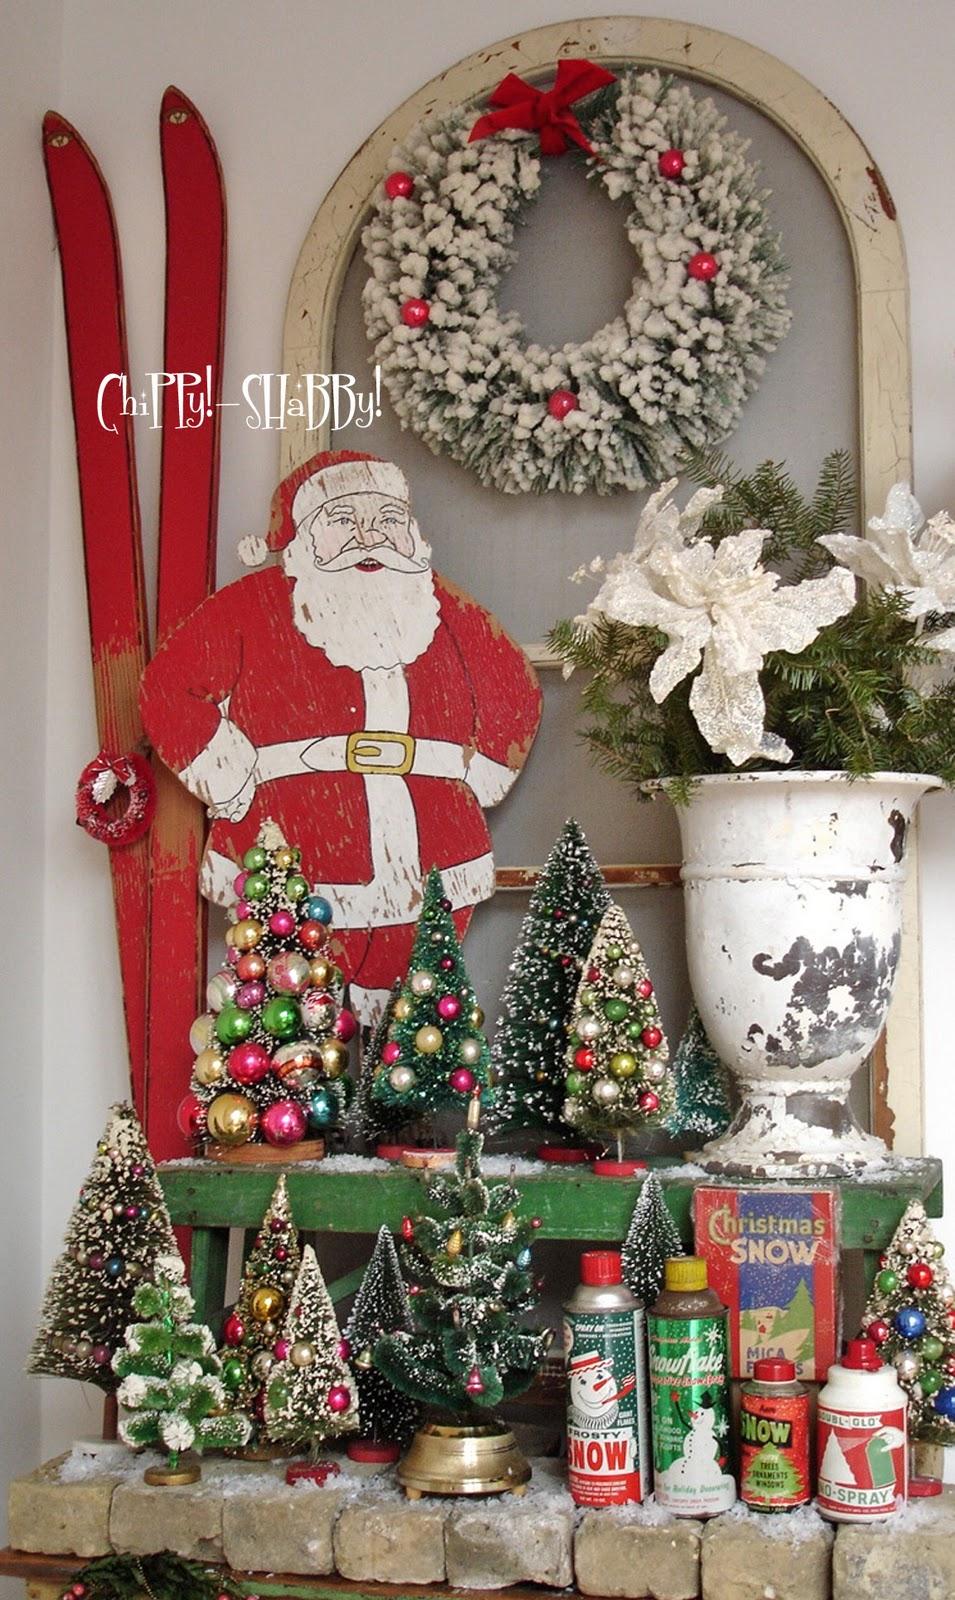 Chippy shabby chippy shabby vintage christmas for Christmas santa decorations